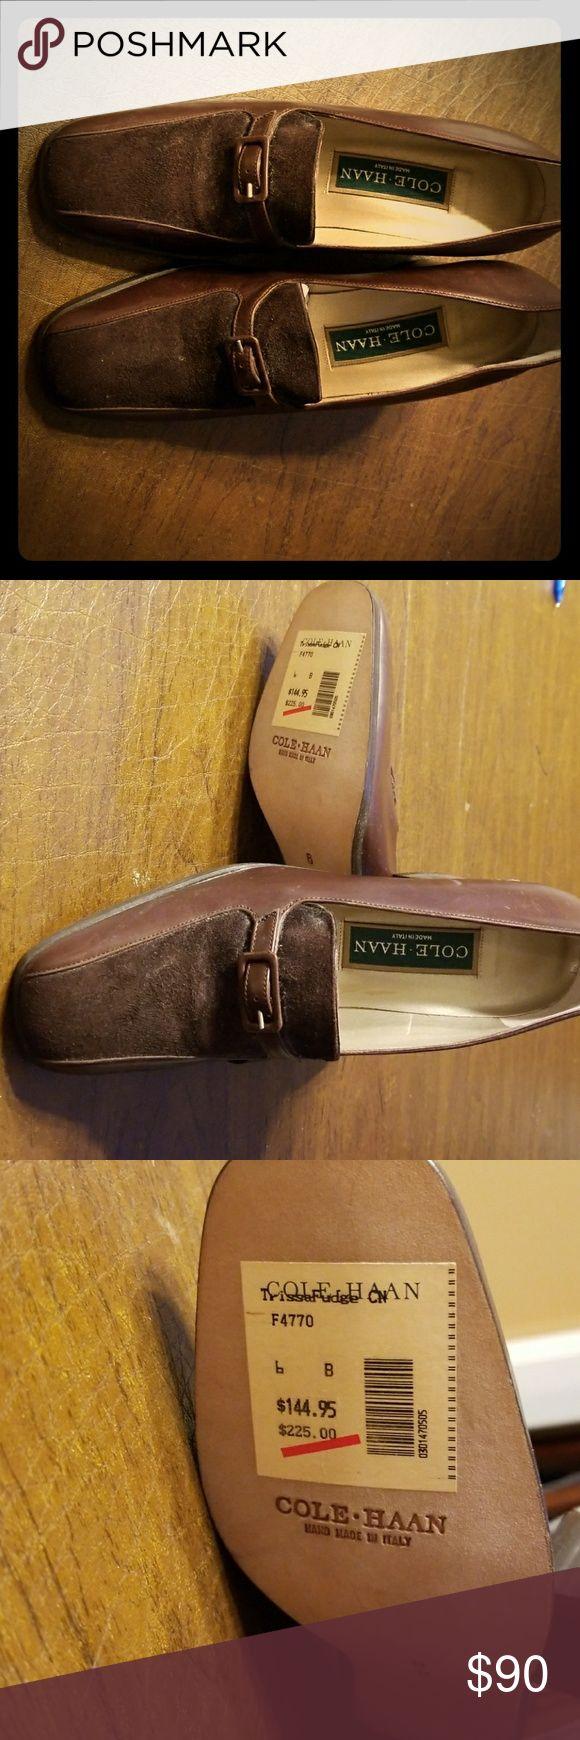 Cole Haan pumps Brown leather top  suede Cole Haan Shoes Heels